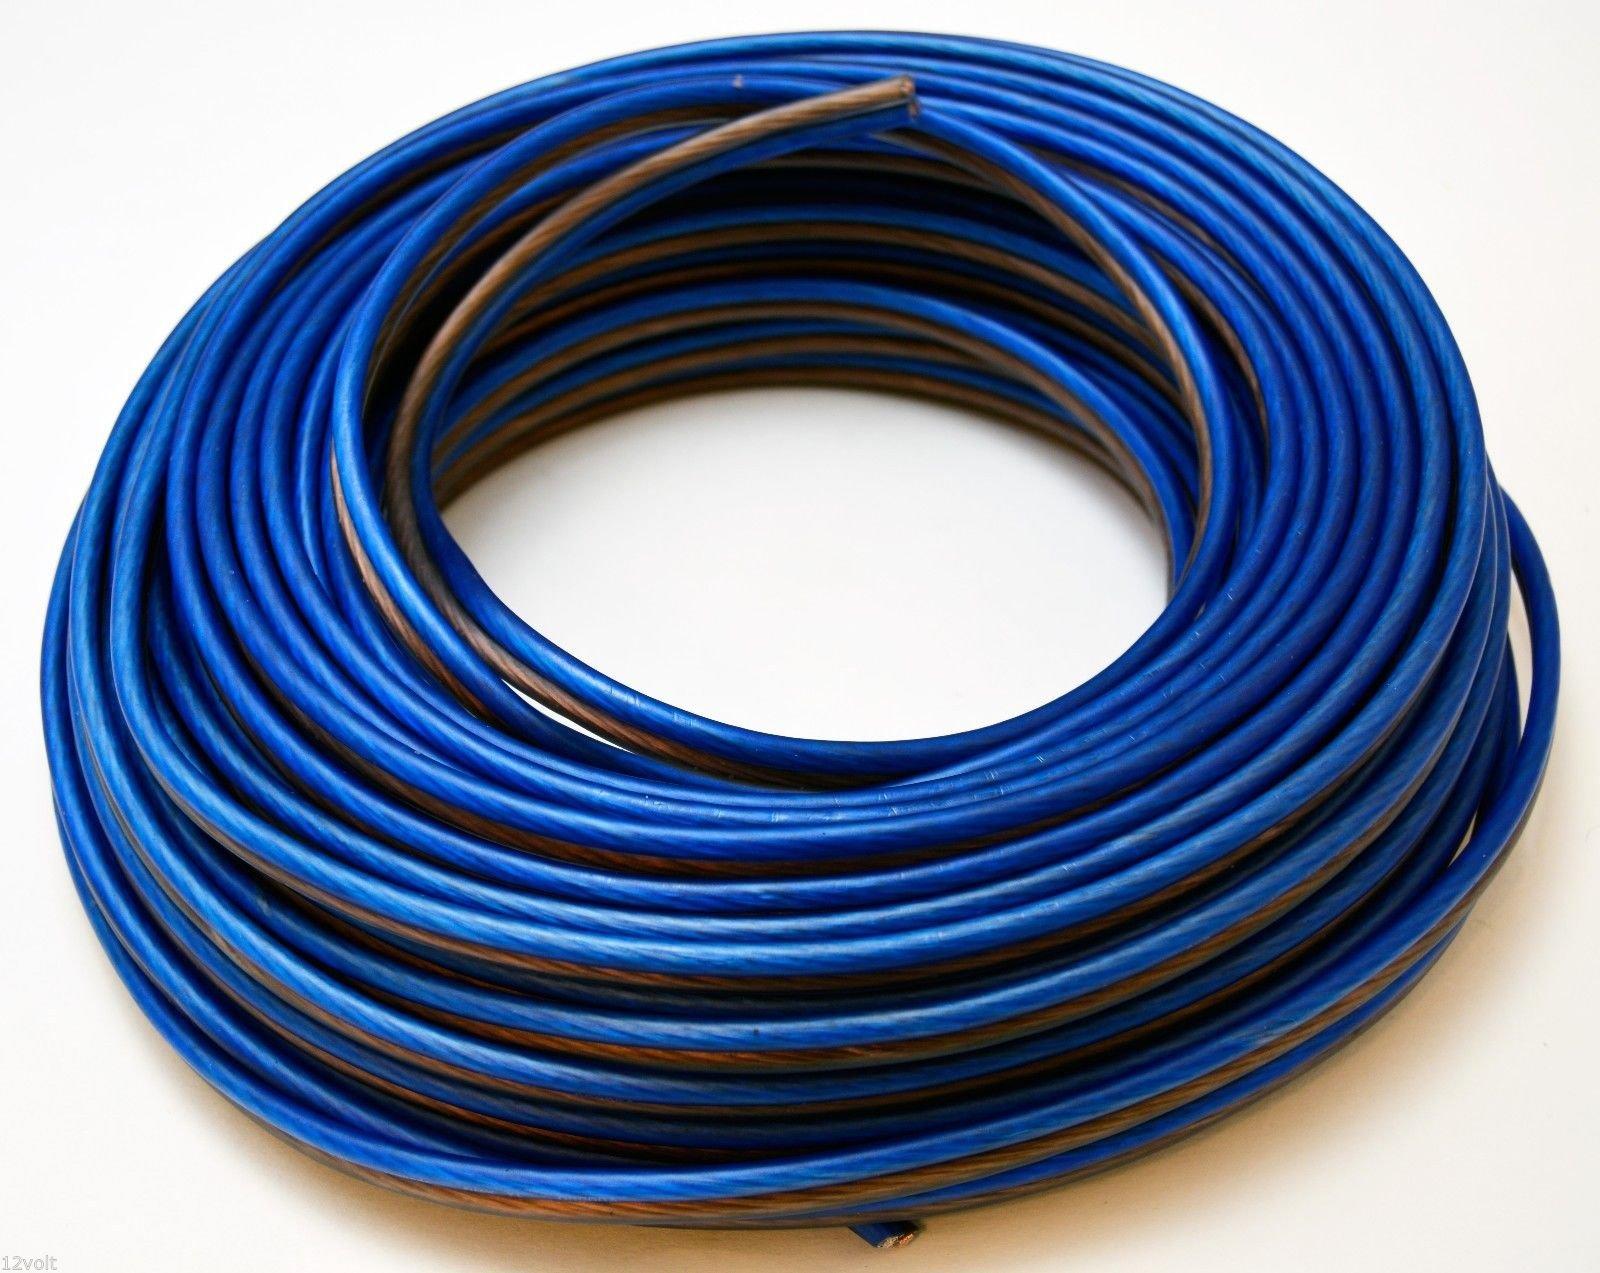 VOODOO Blue/Black Speaker Wire 14 Gauge Stranded Car Audio (250 FT)